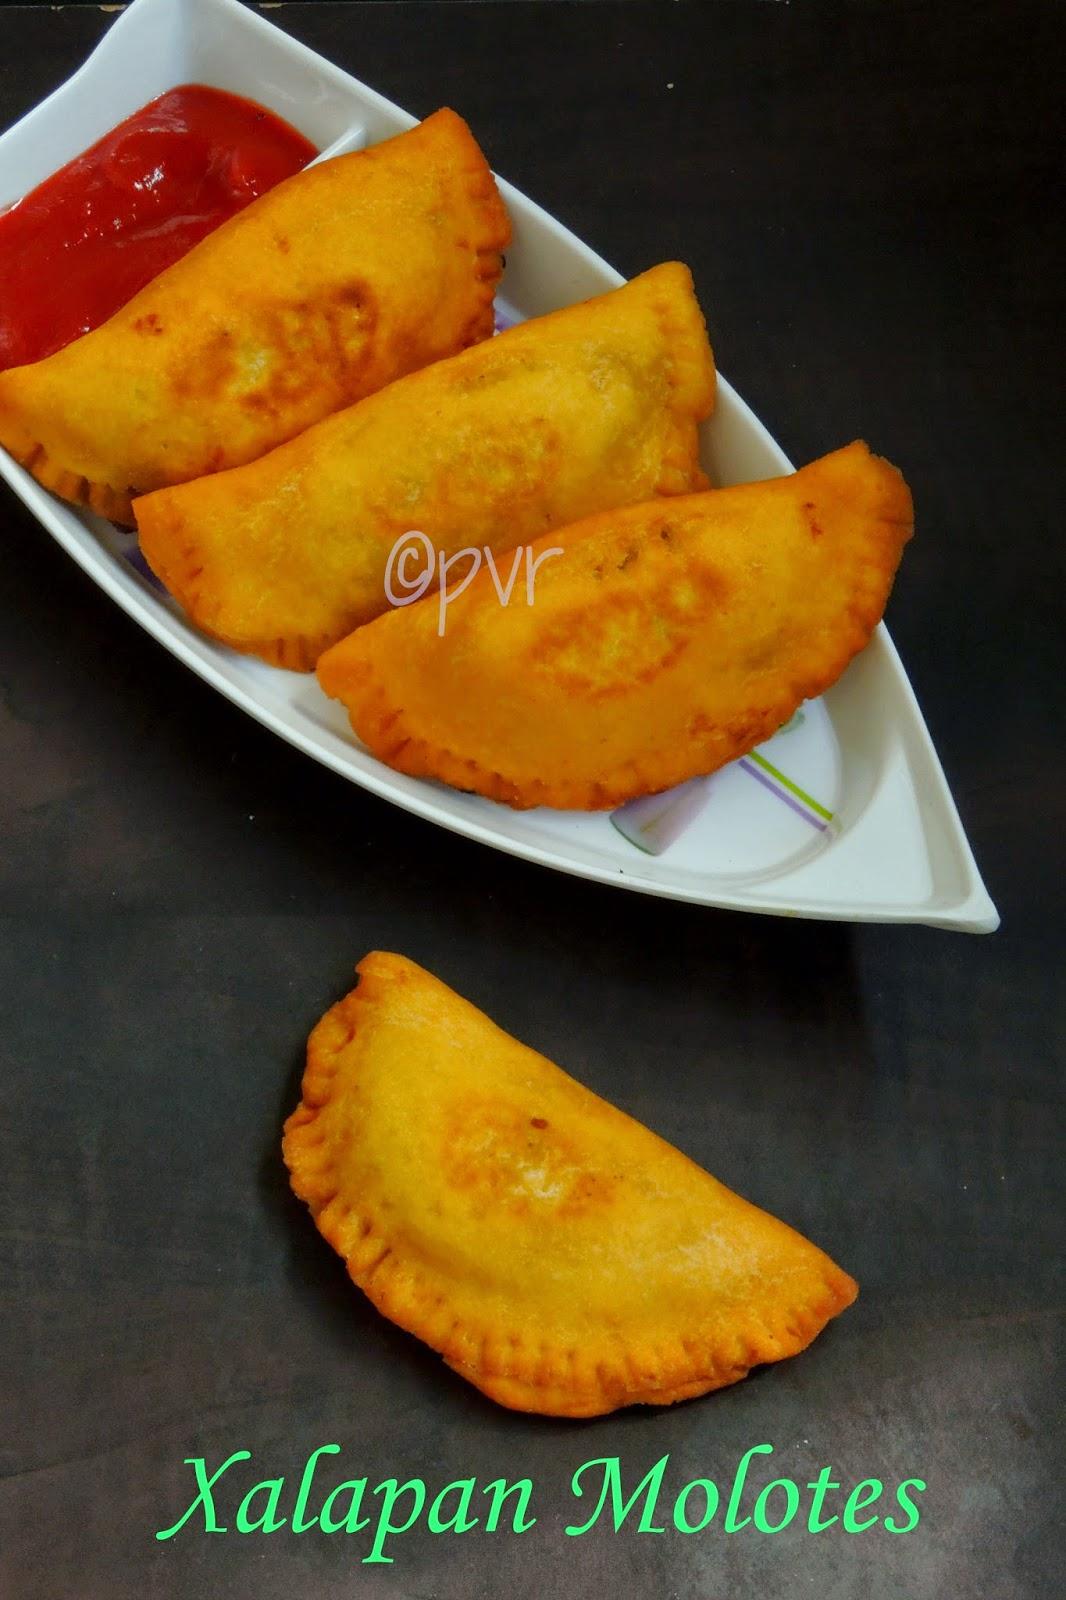 Vegan Molotes, Xalapan street food Molotes,Xalapan Molotes